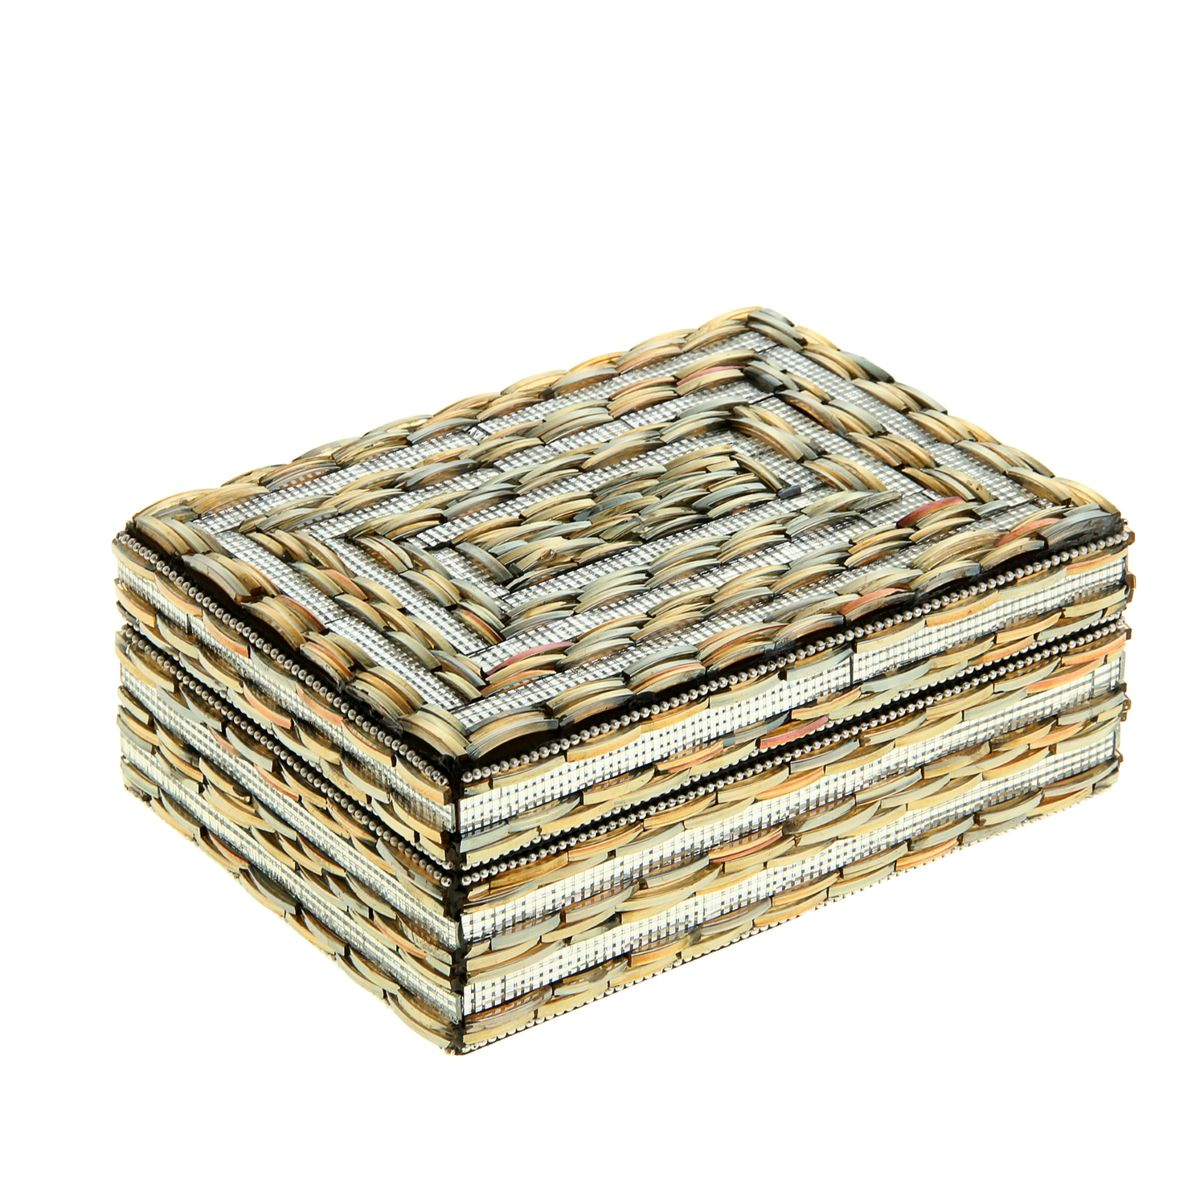 Шкатулка Sima-land Бисер, 18,5 см х 13,5 см х 7 см18532/синийШкатулка Sima-land Бисер выполнена из МДФ и украшена элементами из стекла. Техника декорирования такой шкатулки имеет свои особенности: для украшения используются специальные кольца из стекла, которые разрезаются на несколько отдельных частей, благодаря чему получаются слегка выпуклые продолговатые кусочки. Из этих кусочков выкладывается настоящая мозаика, придающая шкатулке эффектный и необычный вид. Внутри одно большое отделение.Шкатулку можно смело дарить представительнице прекрасного пола. Даже не сомневайтесь: она очень быстро найдет, чем заполнить такой стильный и удобный аксессуар.